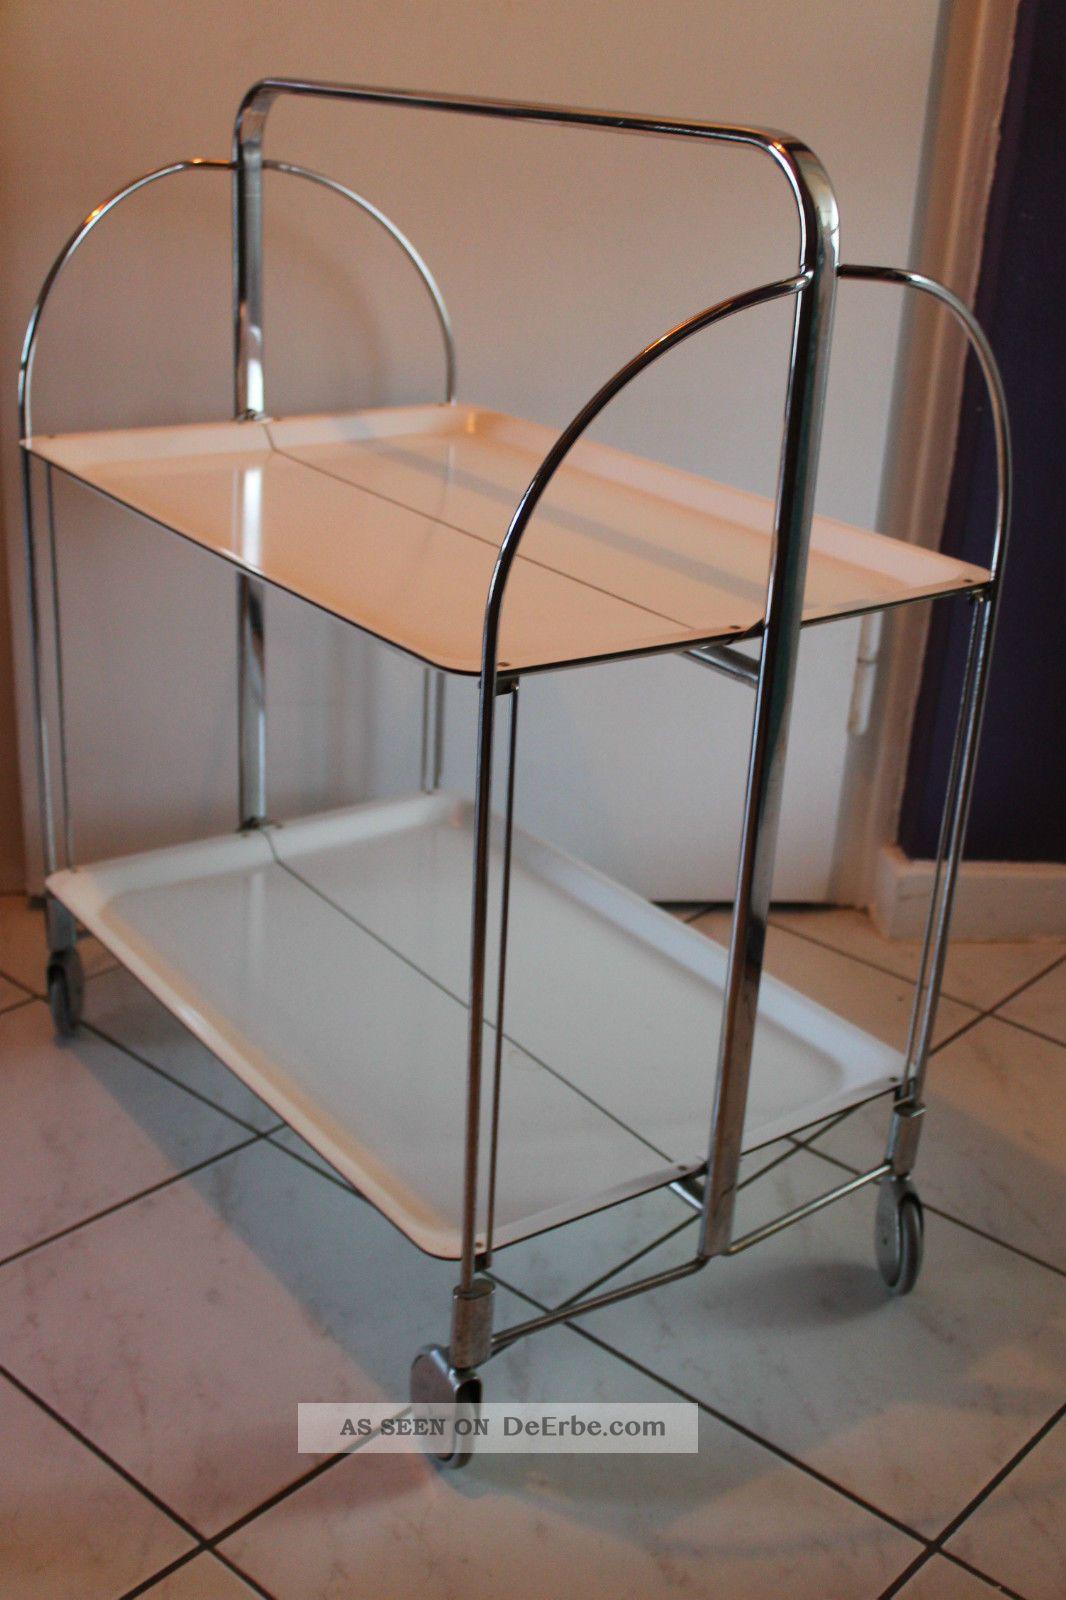 trolley rollwagen dinett servierwagen teewagen 60er jahre. Black Bedroom Furniture Sets. Home Design Ideas